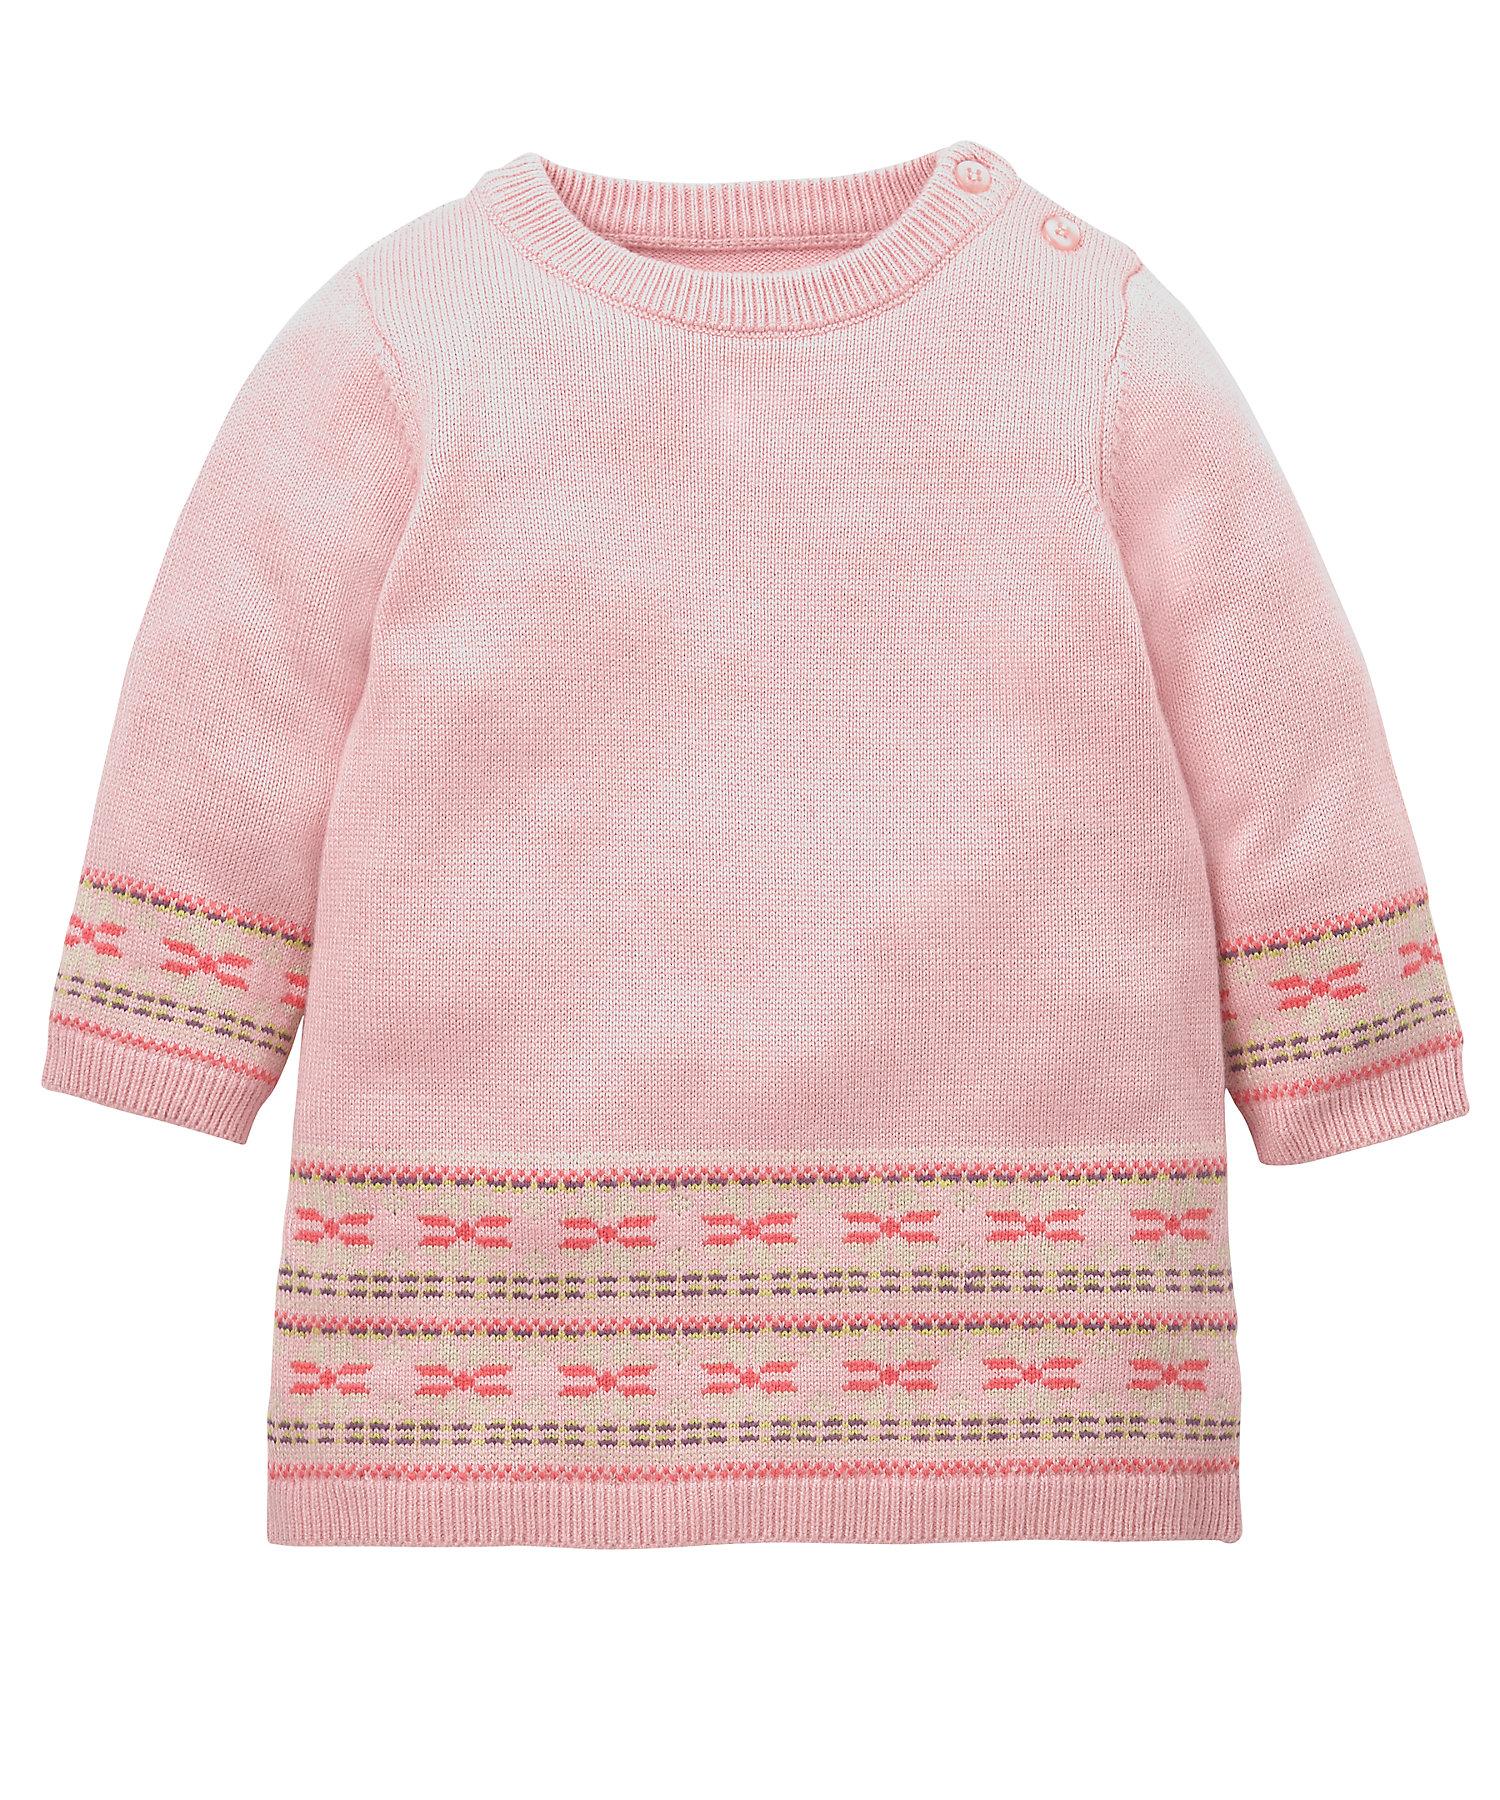 Mothercare | Girls Full Sleeves Knitted Dress Fairisle Design - Pink